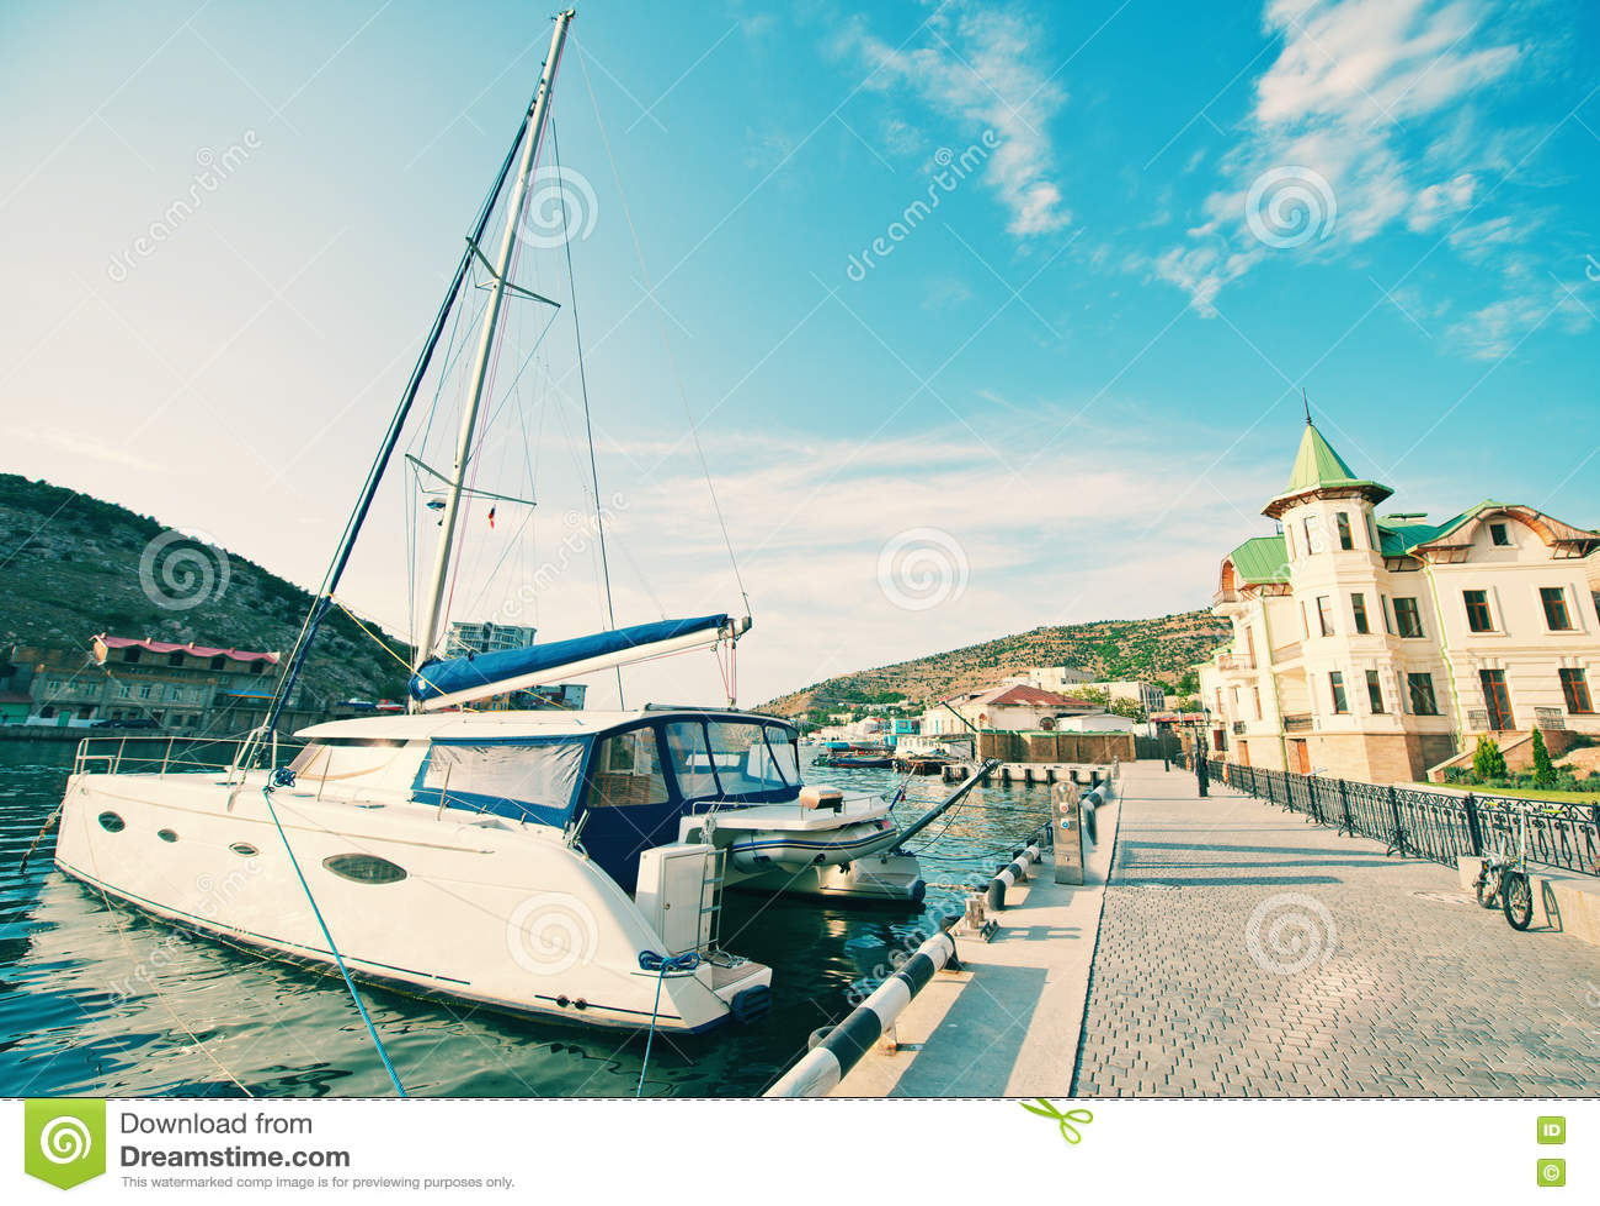 Download Шлюпки и яхты в порте стоковое фото. изображение насчитывающей boated - 72299478